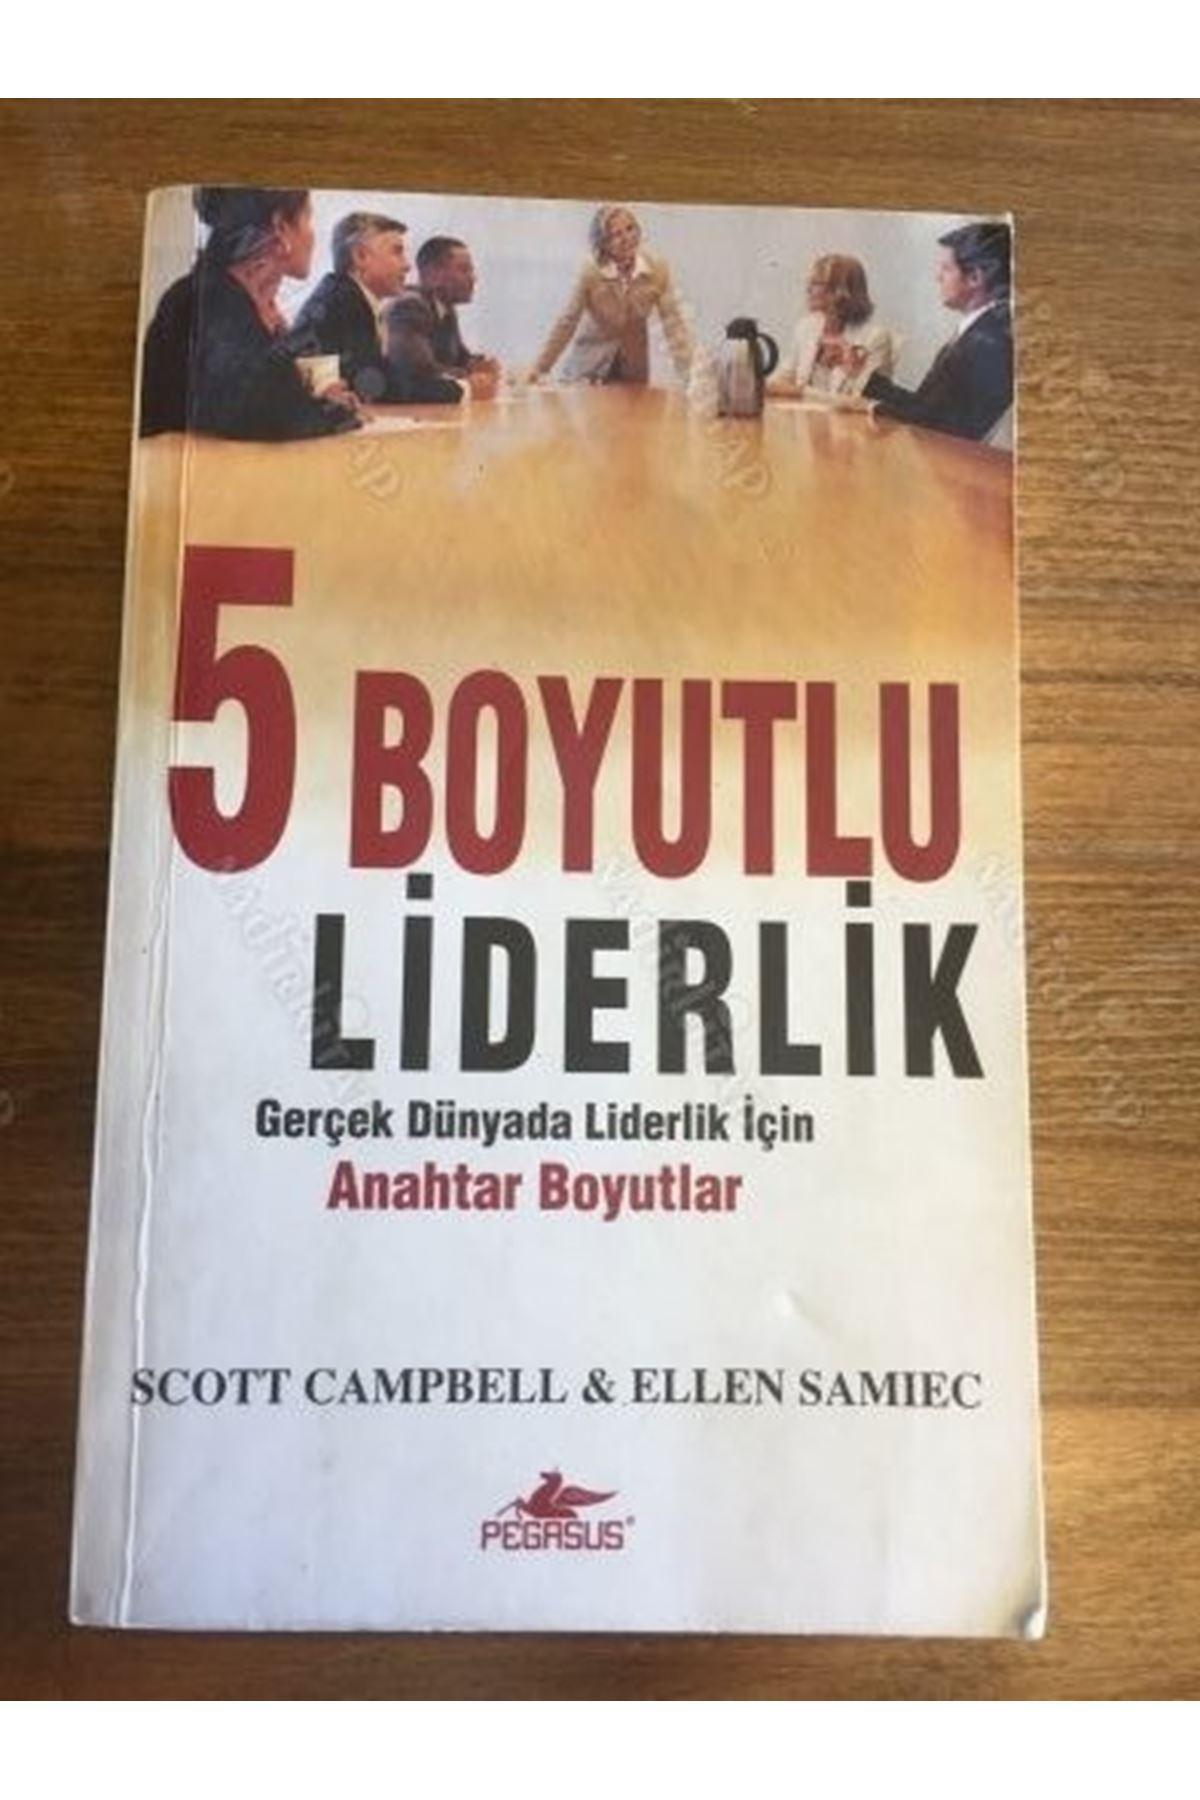 SCOTT CAMPBELL - 5 BOYUTLU LİDERLİK GERÇEK DÜNYADA LİDERLİK İÇİN ANAHTAR BOYUTLAR